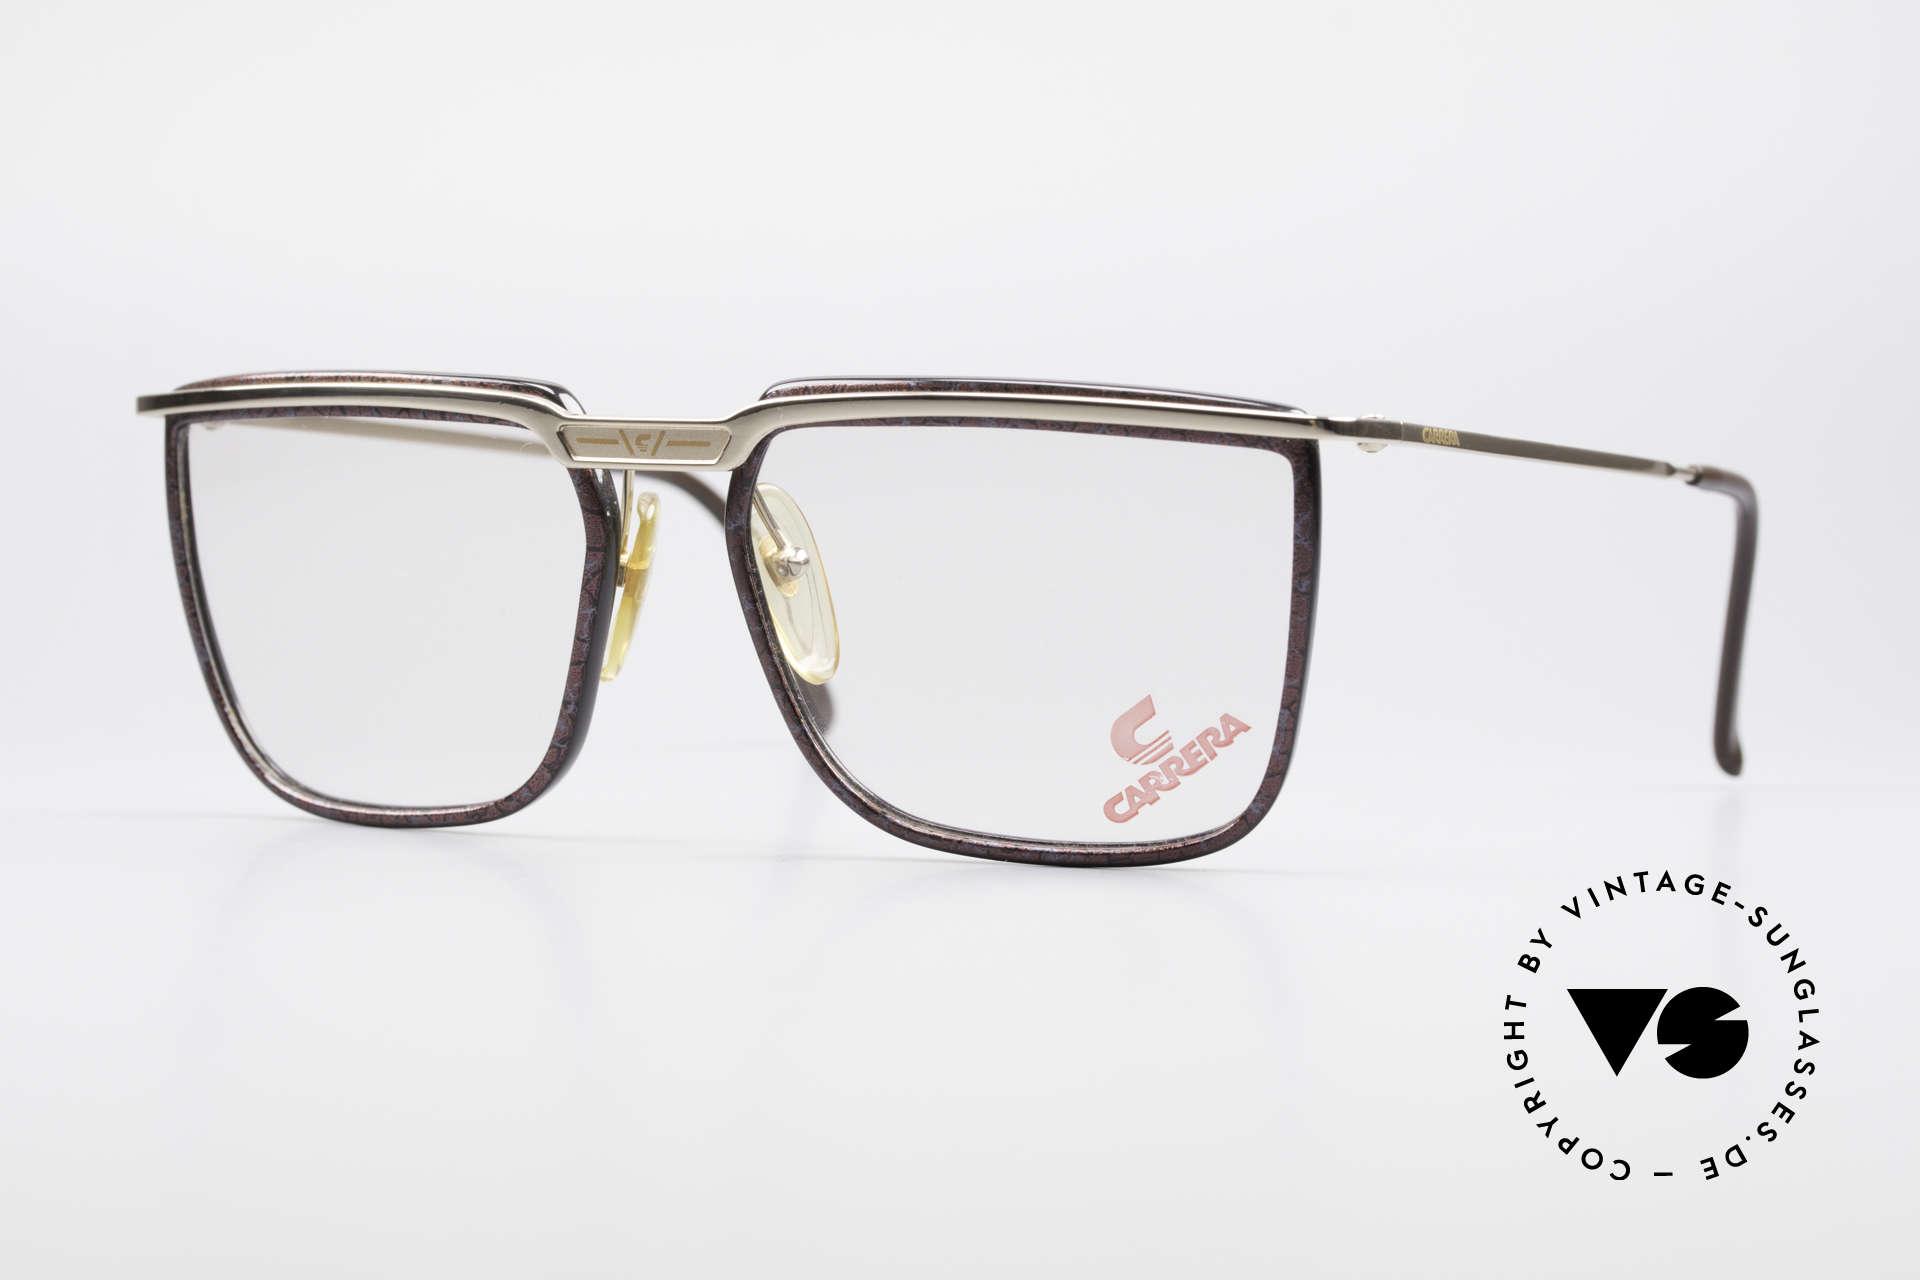 Carrera 5376 Eckige Vintage Brille Carbon, eckige CARRERA vintage Brille aus den 90er Jahren, Passend für Herren